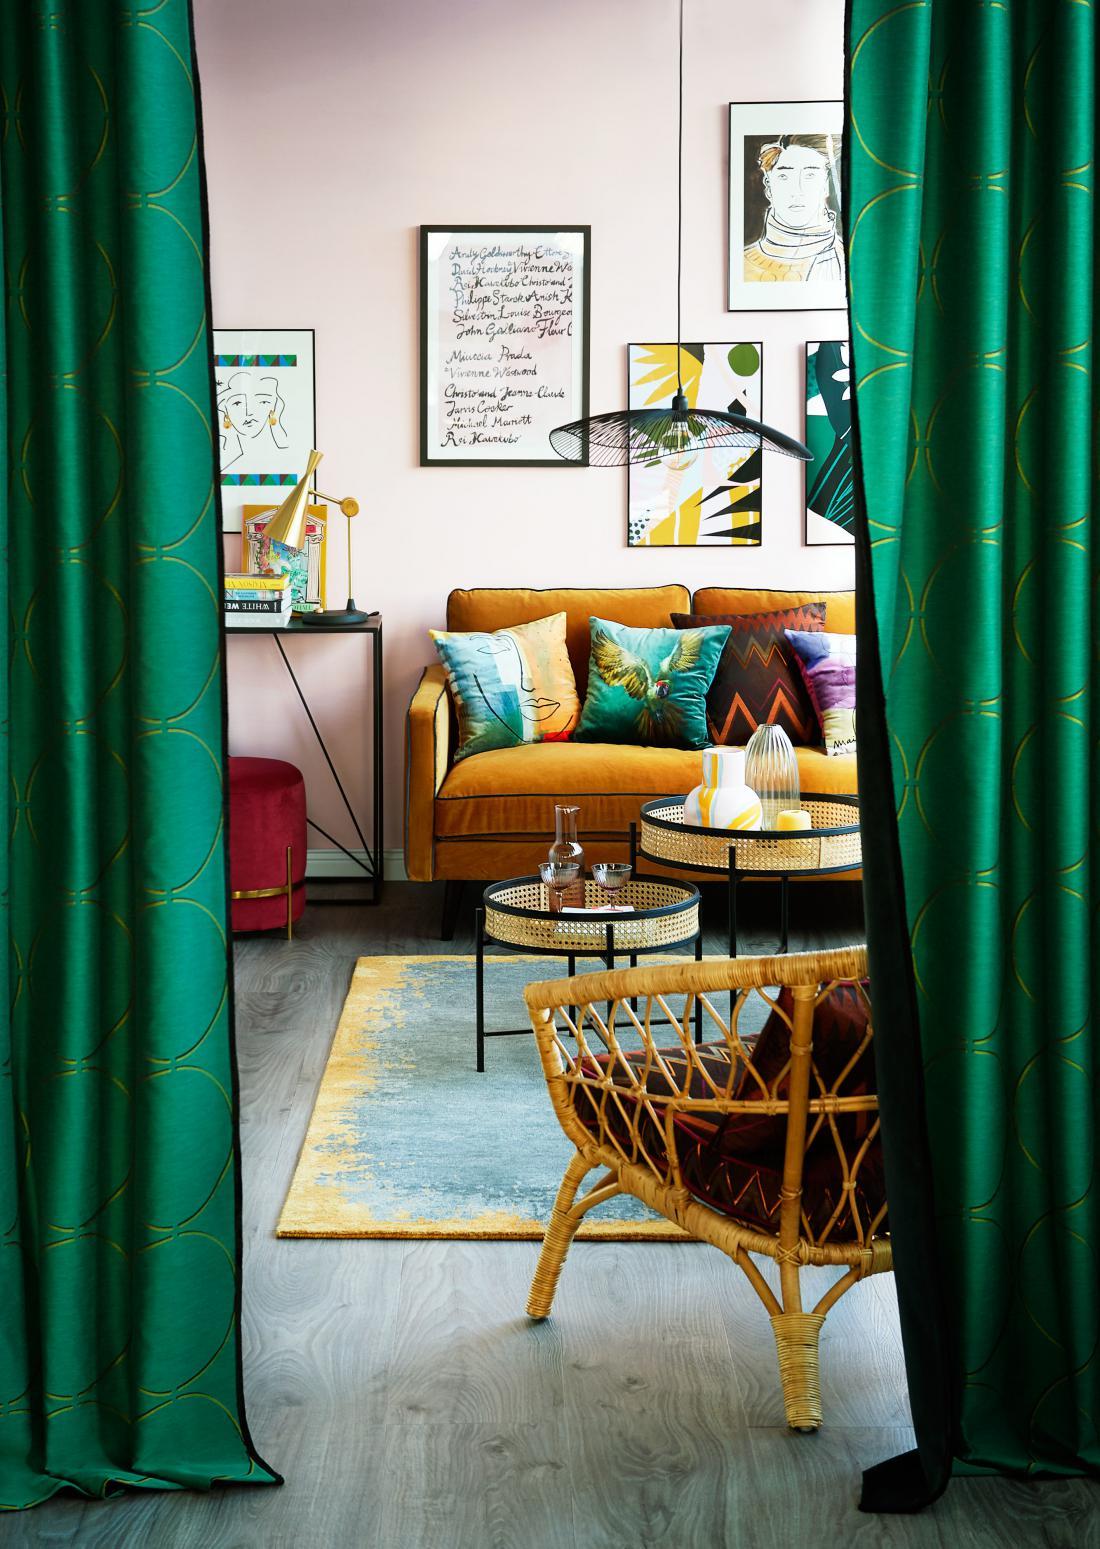 Oražni, bordo rdeči, zeleni odtenki in žameten tkanine so za ljubitelje močnejših barv in mešanja slogov (arhiv Deco Team).